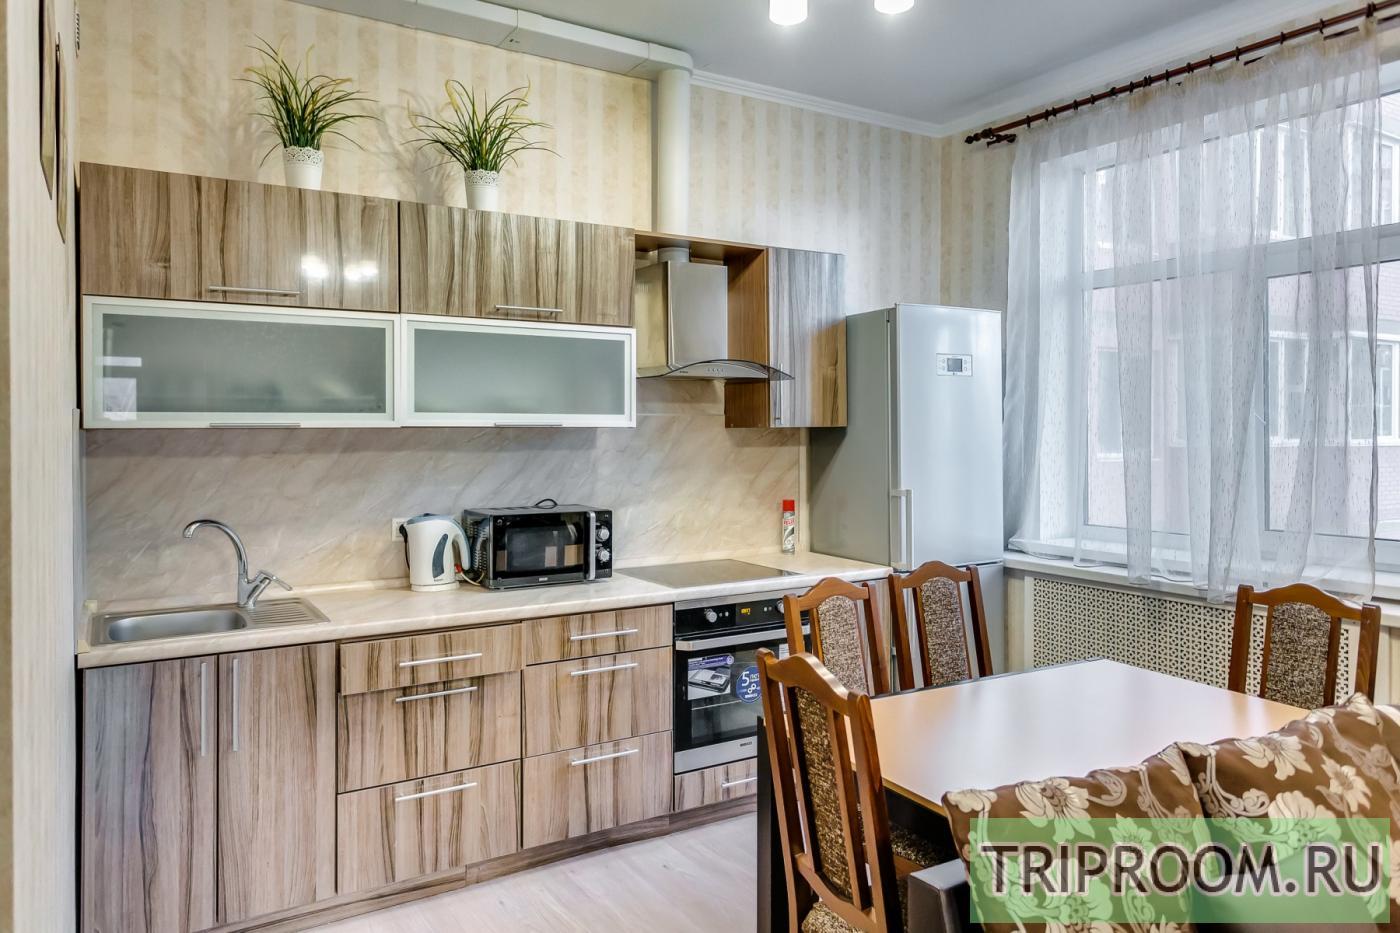 3-комнатная квартира посуточно (вариант № 23511), ул. Красноармейская улица, фото № 19